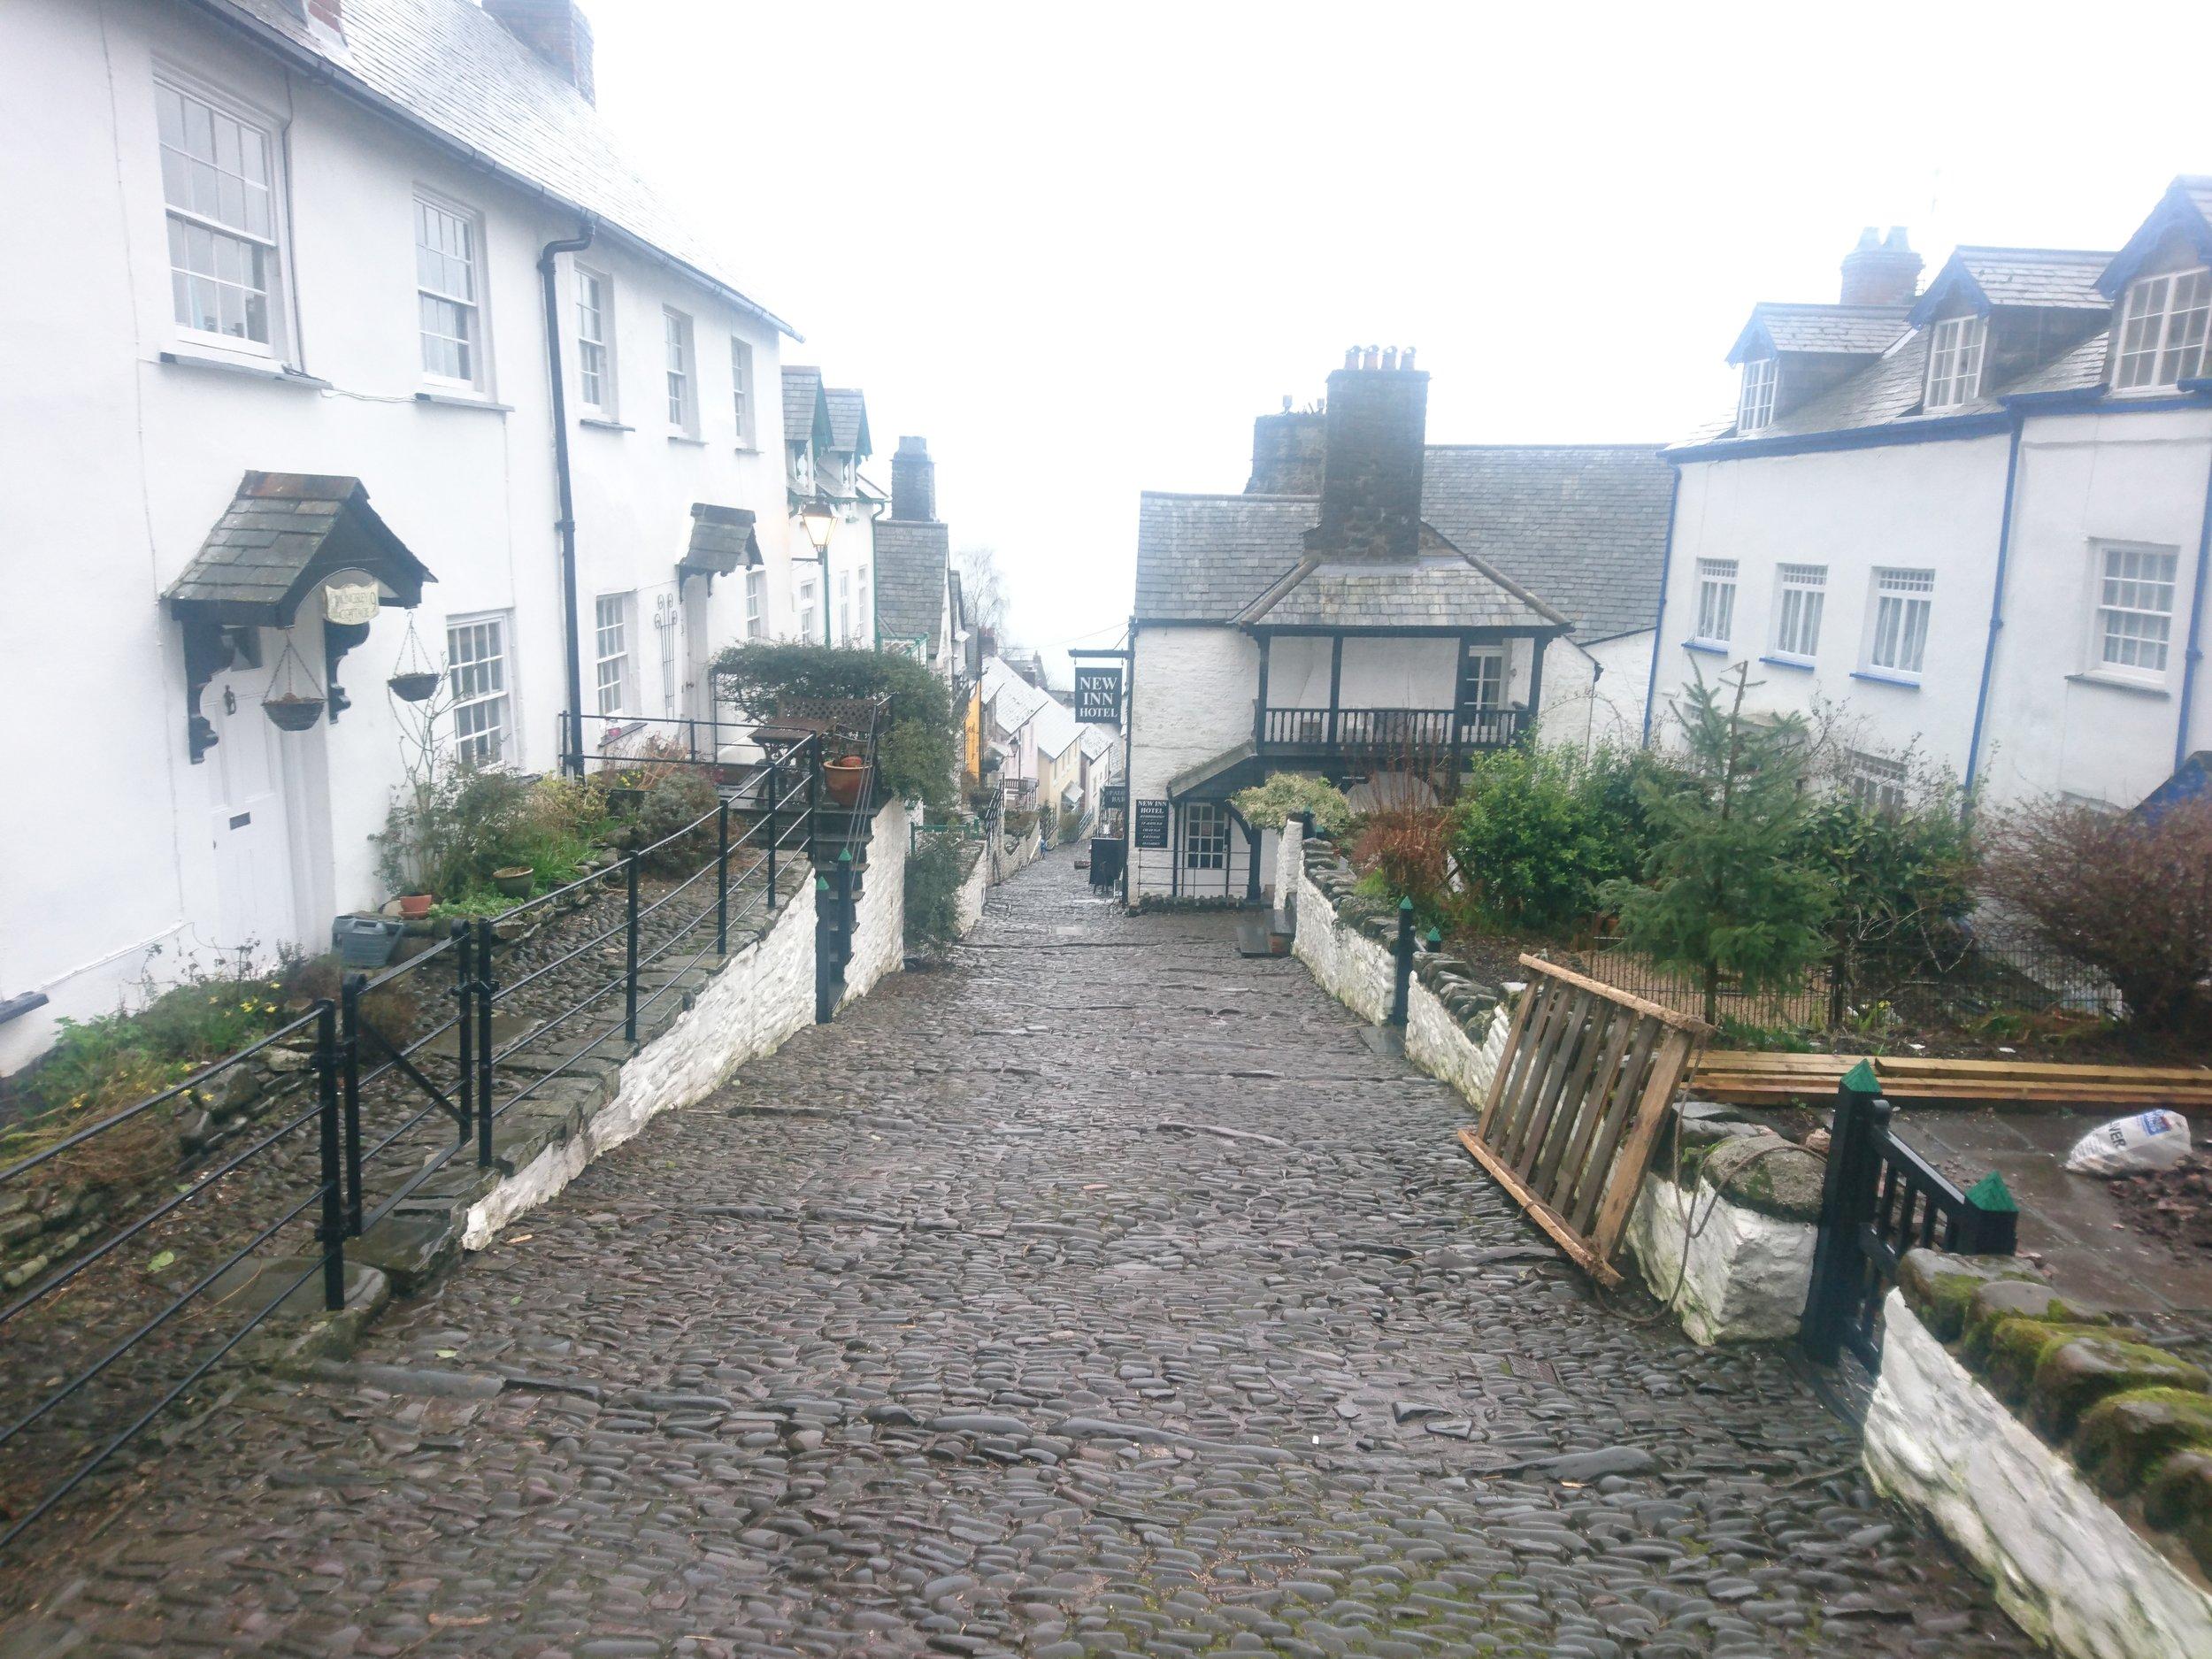 Clovelly High Street